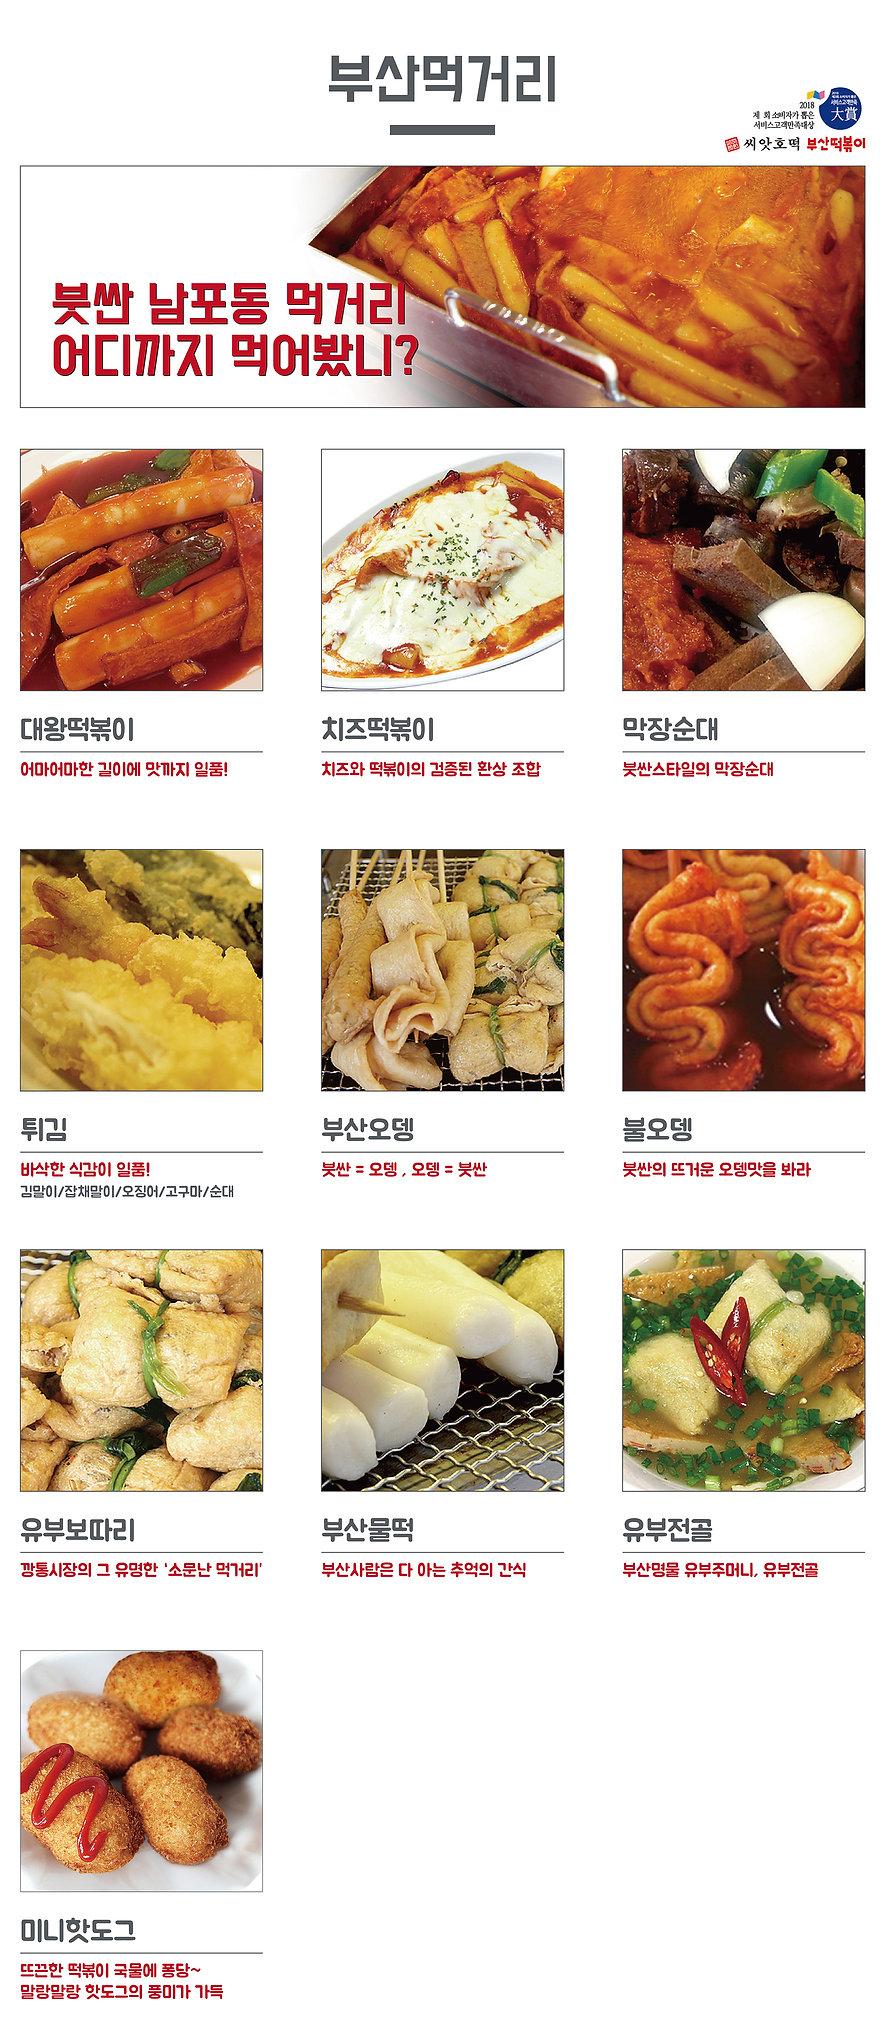 180809 씨부떡 메뉴부분(부산먹거리) 수정-01.jpg